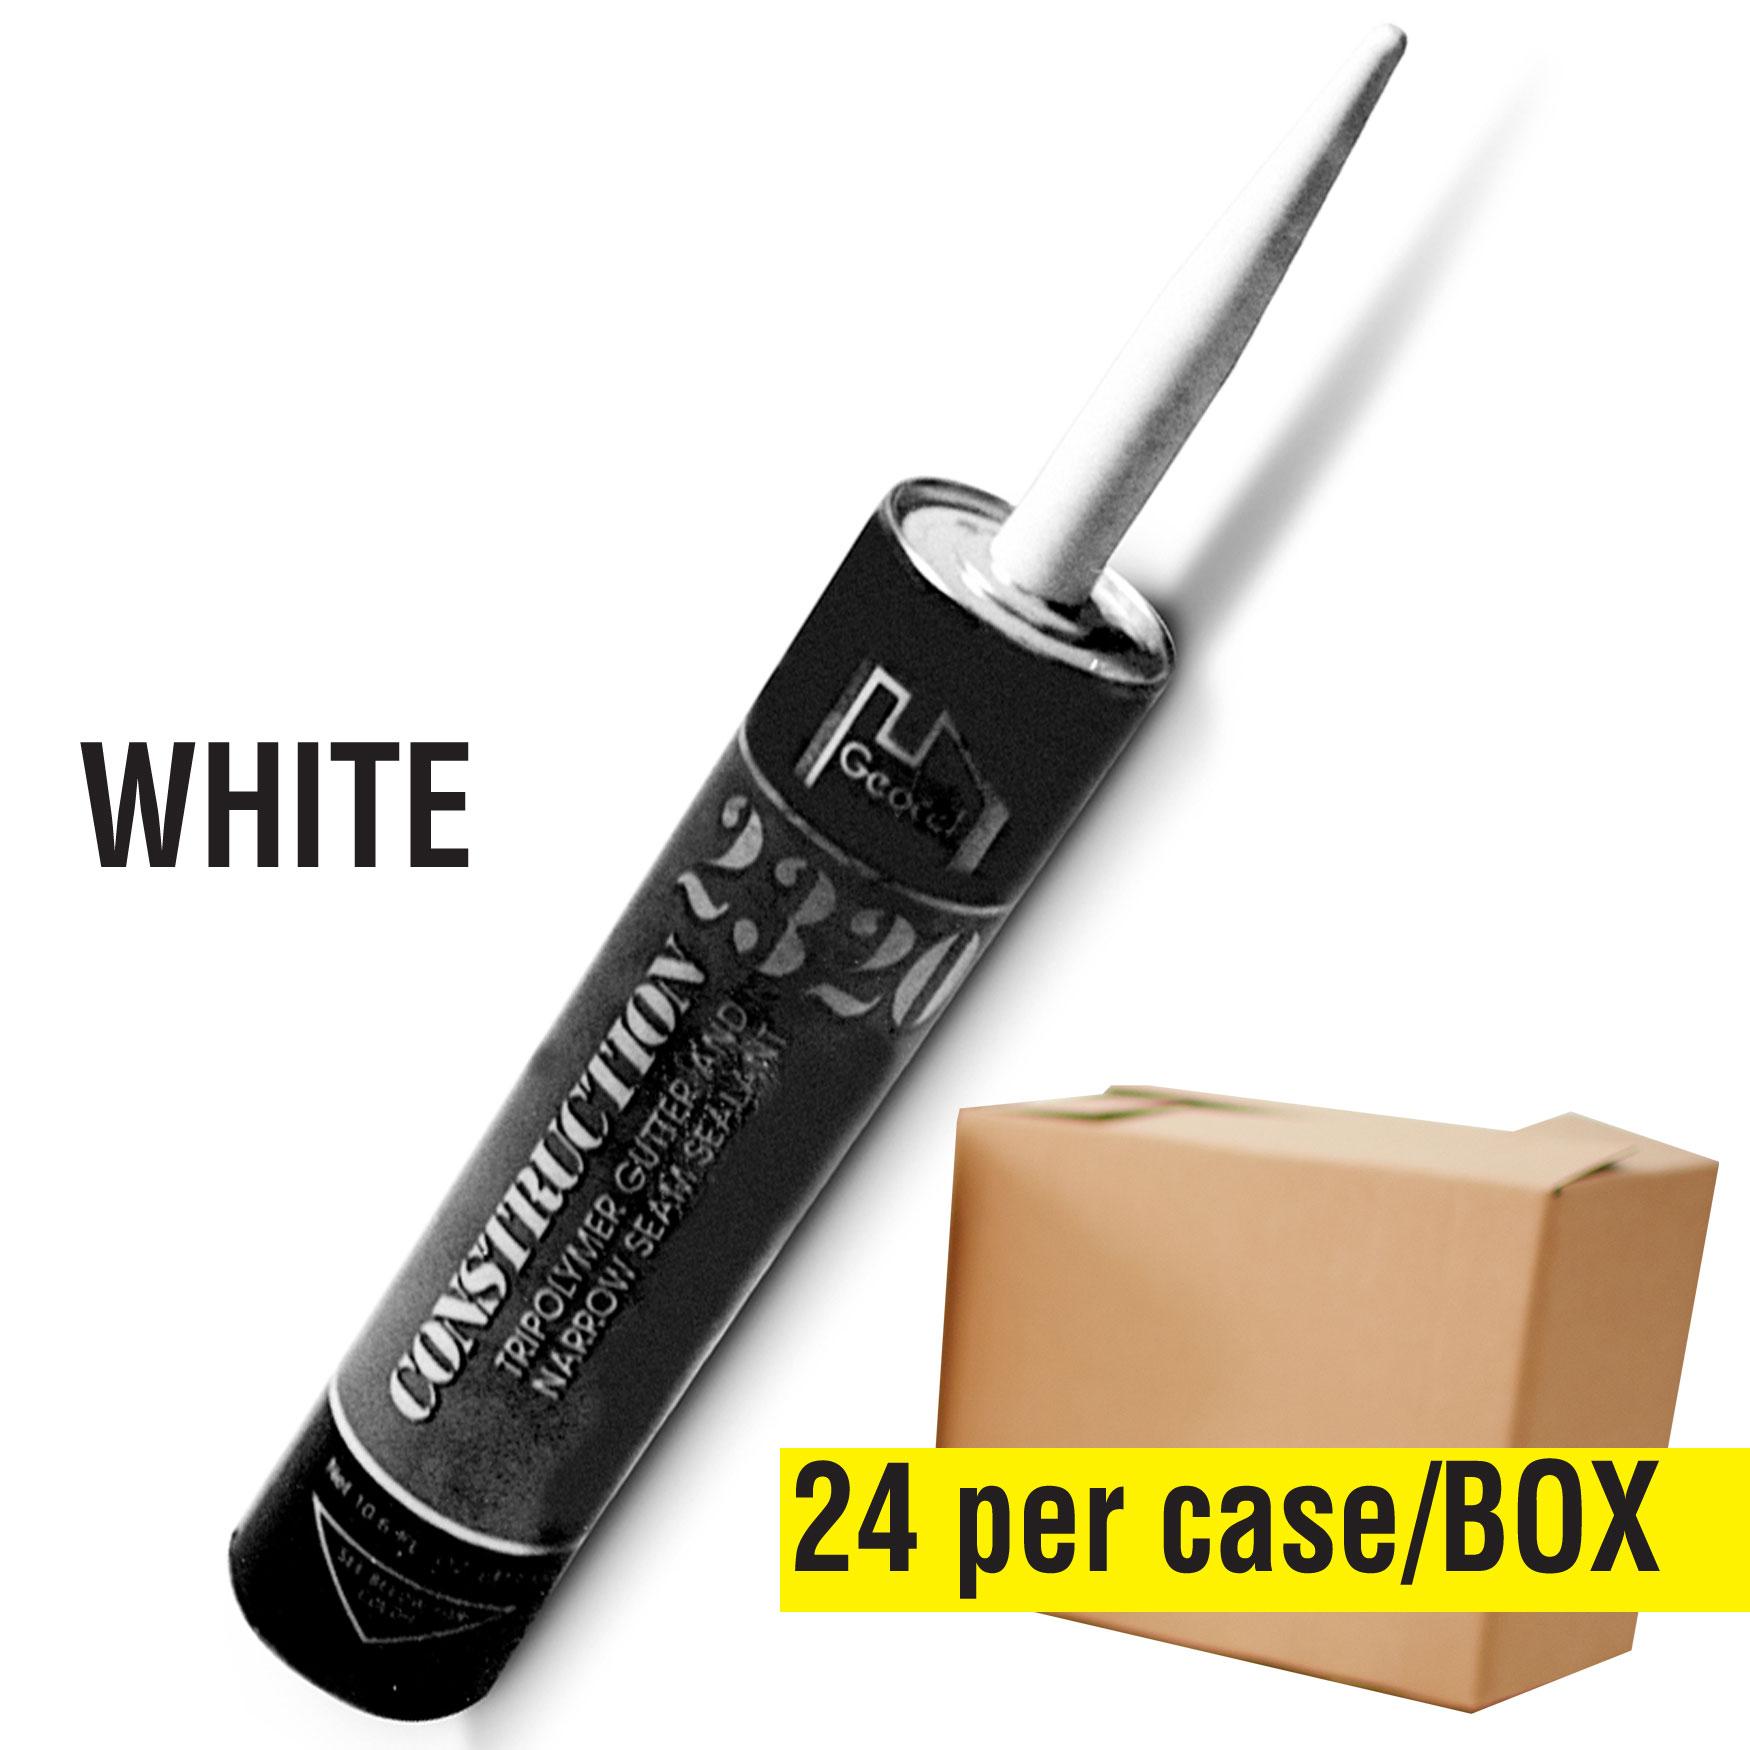 Geocel 2320 - White